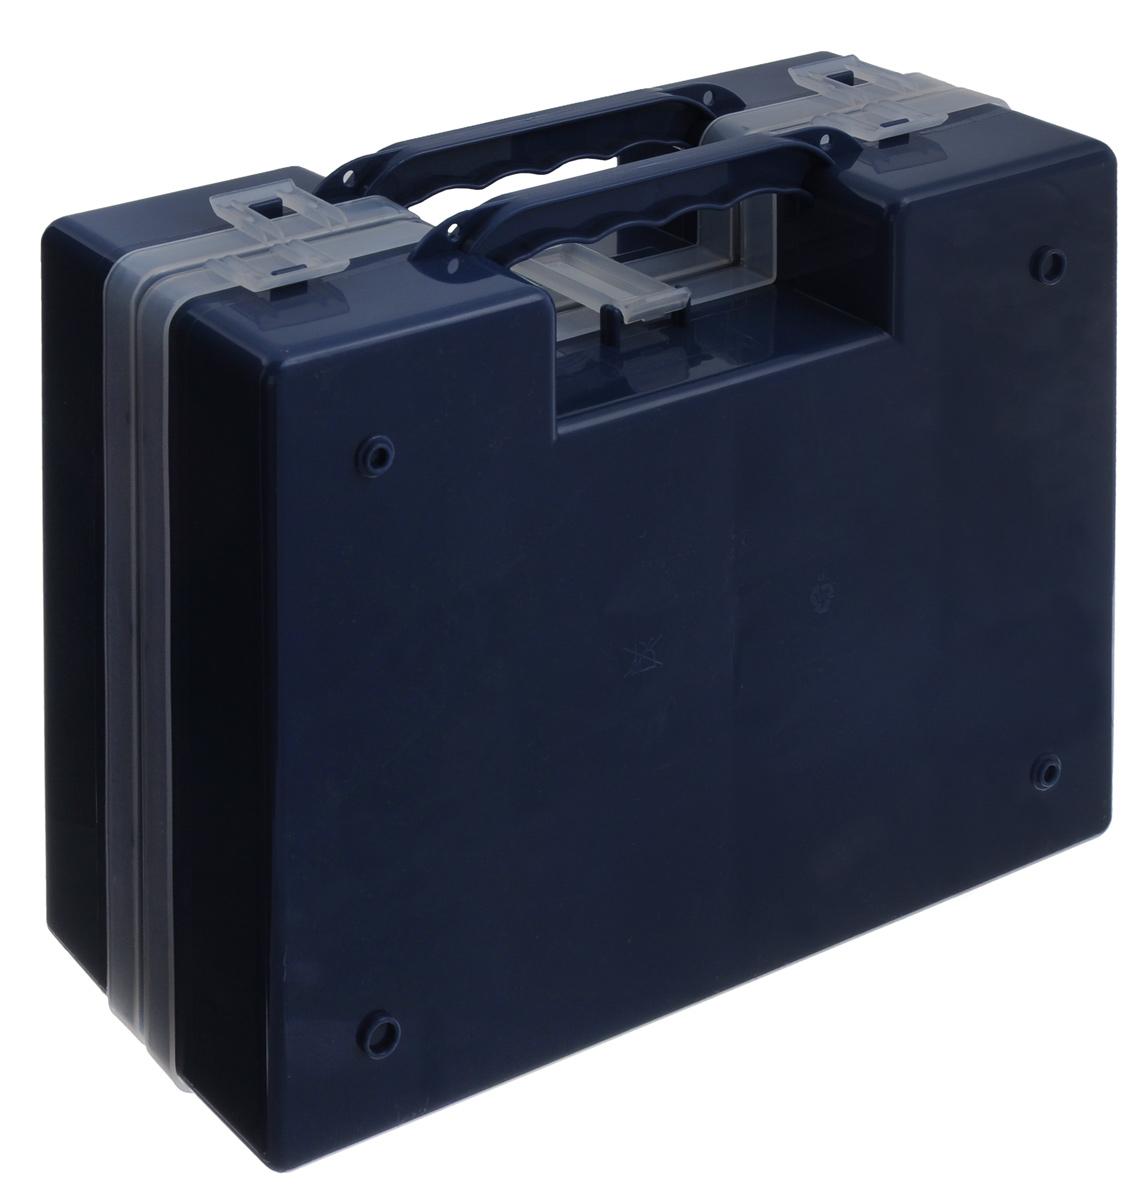 Органайзер Idea, двойной, цвет: синий, 27,2 см х 21,7 см х 10 смМ 2957_синийОрганайзер Idea изготовлен из высококачественного прочного пластика и предназначен для хранения и переноски инструментов. Состоит из 2-х органайзеров, прикрепленных друг к другу. Внутри каждого - 14 прямоугольных секций разной формы.Органайзеры надежно закрываются при помощи пластмассовых защелок. Крышки выполнены из прозрачного пластика, что позволяет видеть содержимое.Благодаря специальным крепежам оба органайзера надежно соединены друг с другом.Размеры секций:24 секции Размер: 6,6 см х 5,3 см х 4,7 см;4 секции Размер: 8,1 см х 3,3 см х 4,7 см.